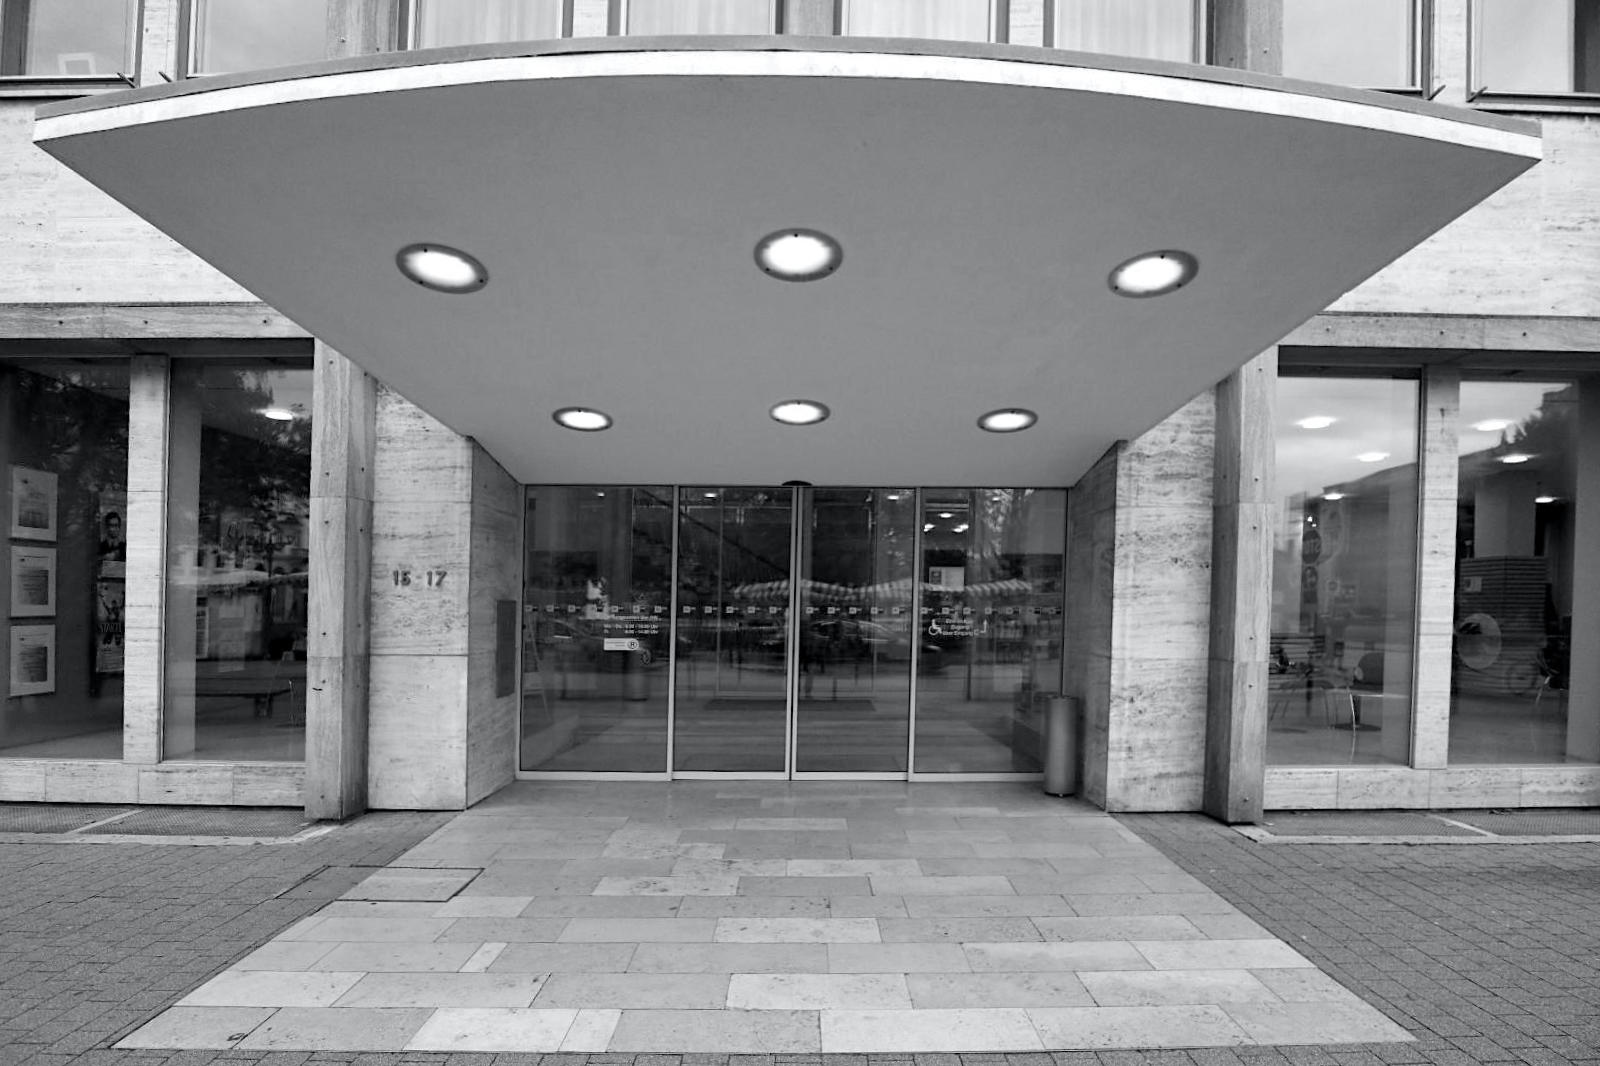 Industrie- und Handelskammer. Entwurf: Herrmann Backhaus, Harro Brosinsky, 1955. Der fünfgeschossige Stahlbetonskelettbau mit der Rasterfassade steht im Stadtzentrum in der Lammstr. und wurde 1998 durch Erich Schneider-Wessling modernisiert. Herrmann Backhaus (1921–2001) und Harro Brosinsky (1920–1992) haben neben Wohnsiedlungen und Bürogebäuden auch die Neue Synagage (1971) in Karlsruhe geplant und umgesetzt.